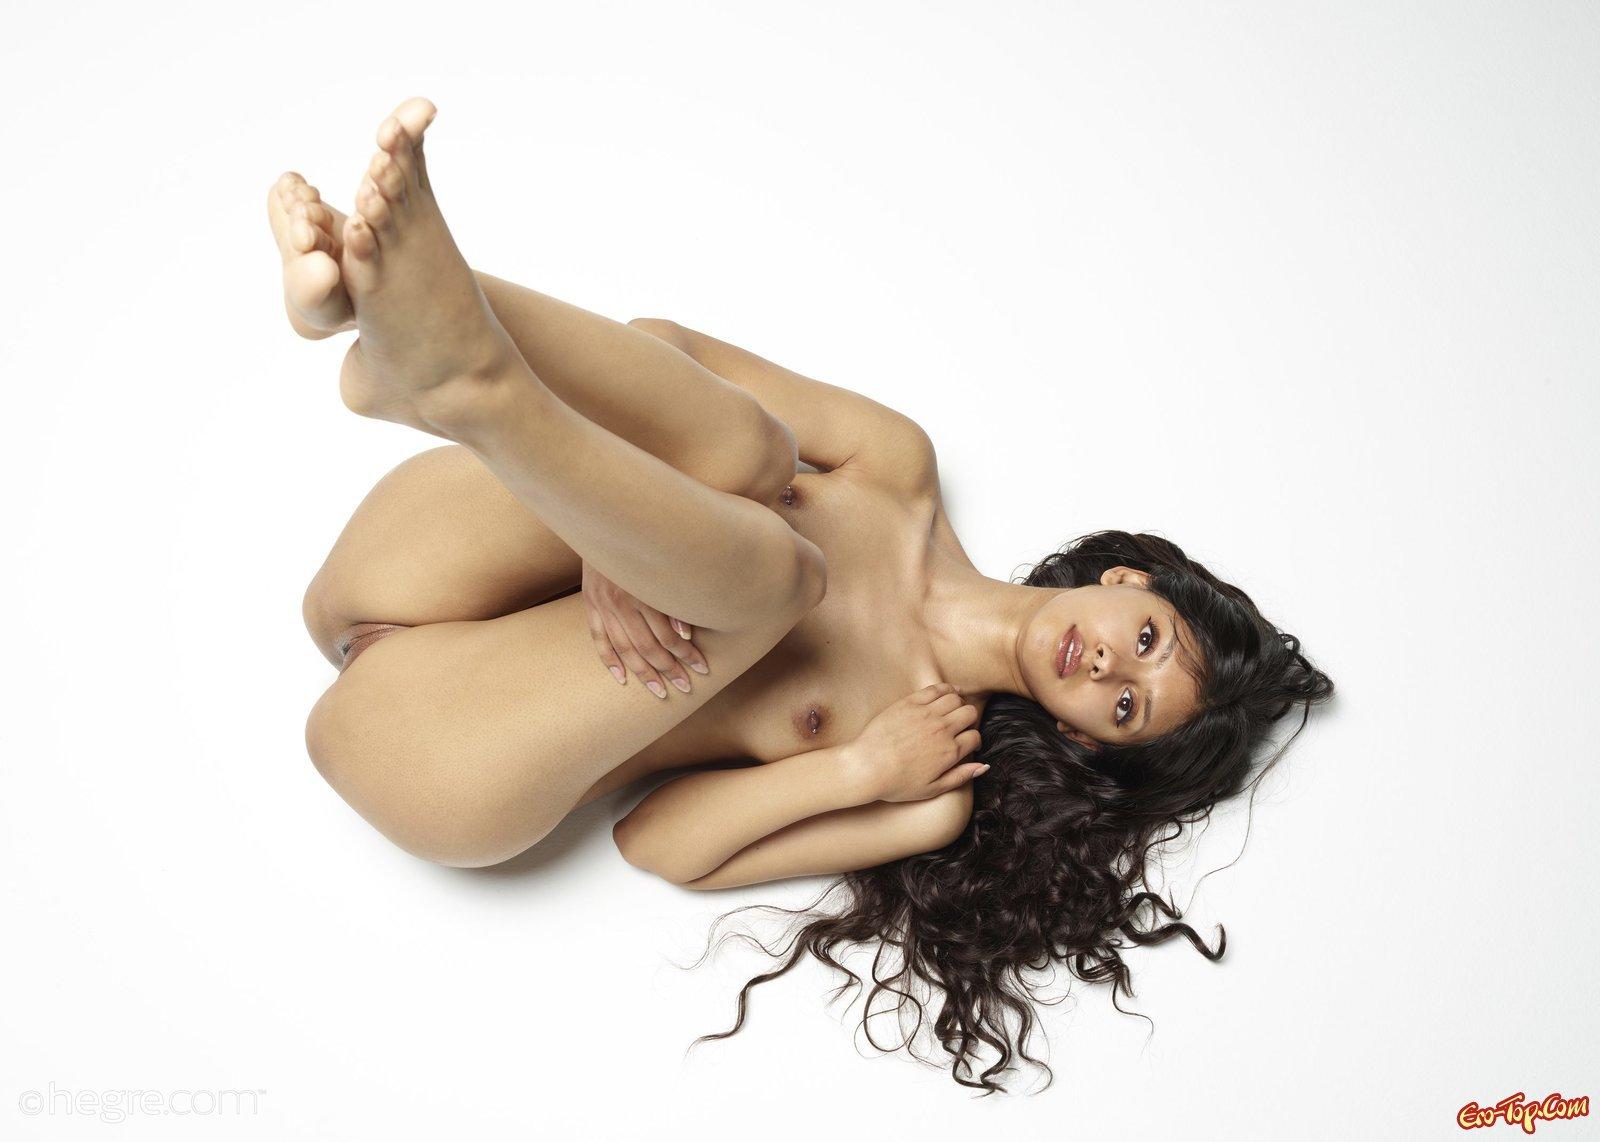 Обнаженная темноволосая девка с пирсингом в сосках снимается на полу